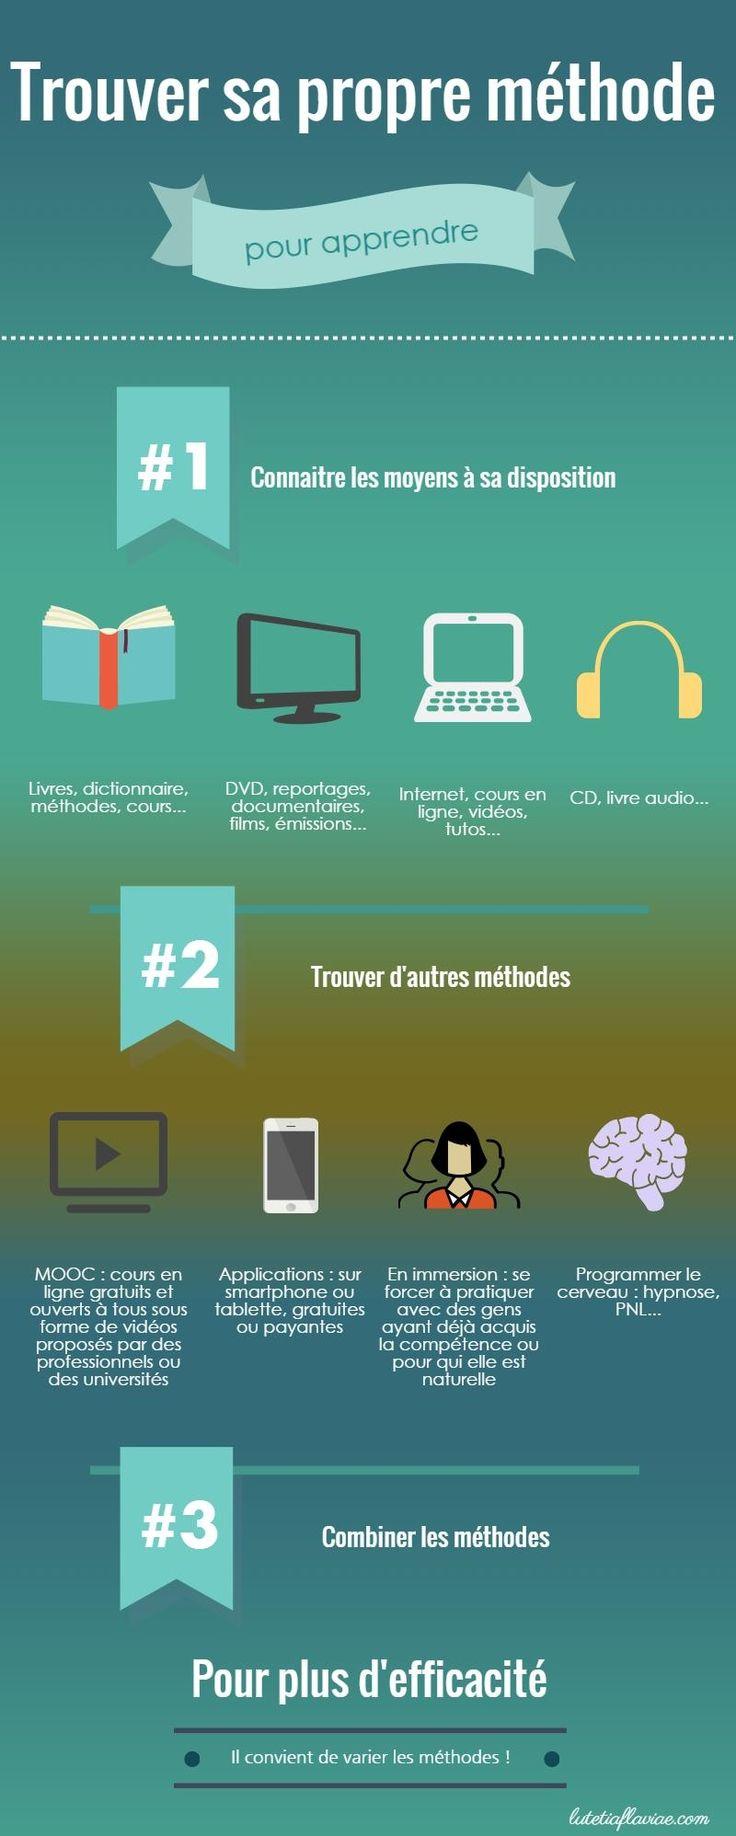 Infographie : Trouver sa propre méthode pour apprendre pour plus d'efficacité sur lutetiaflaviae.com